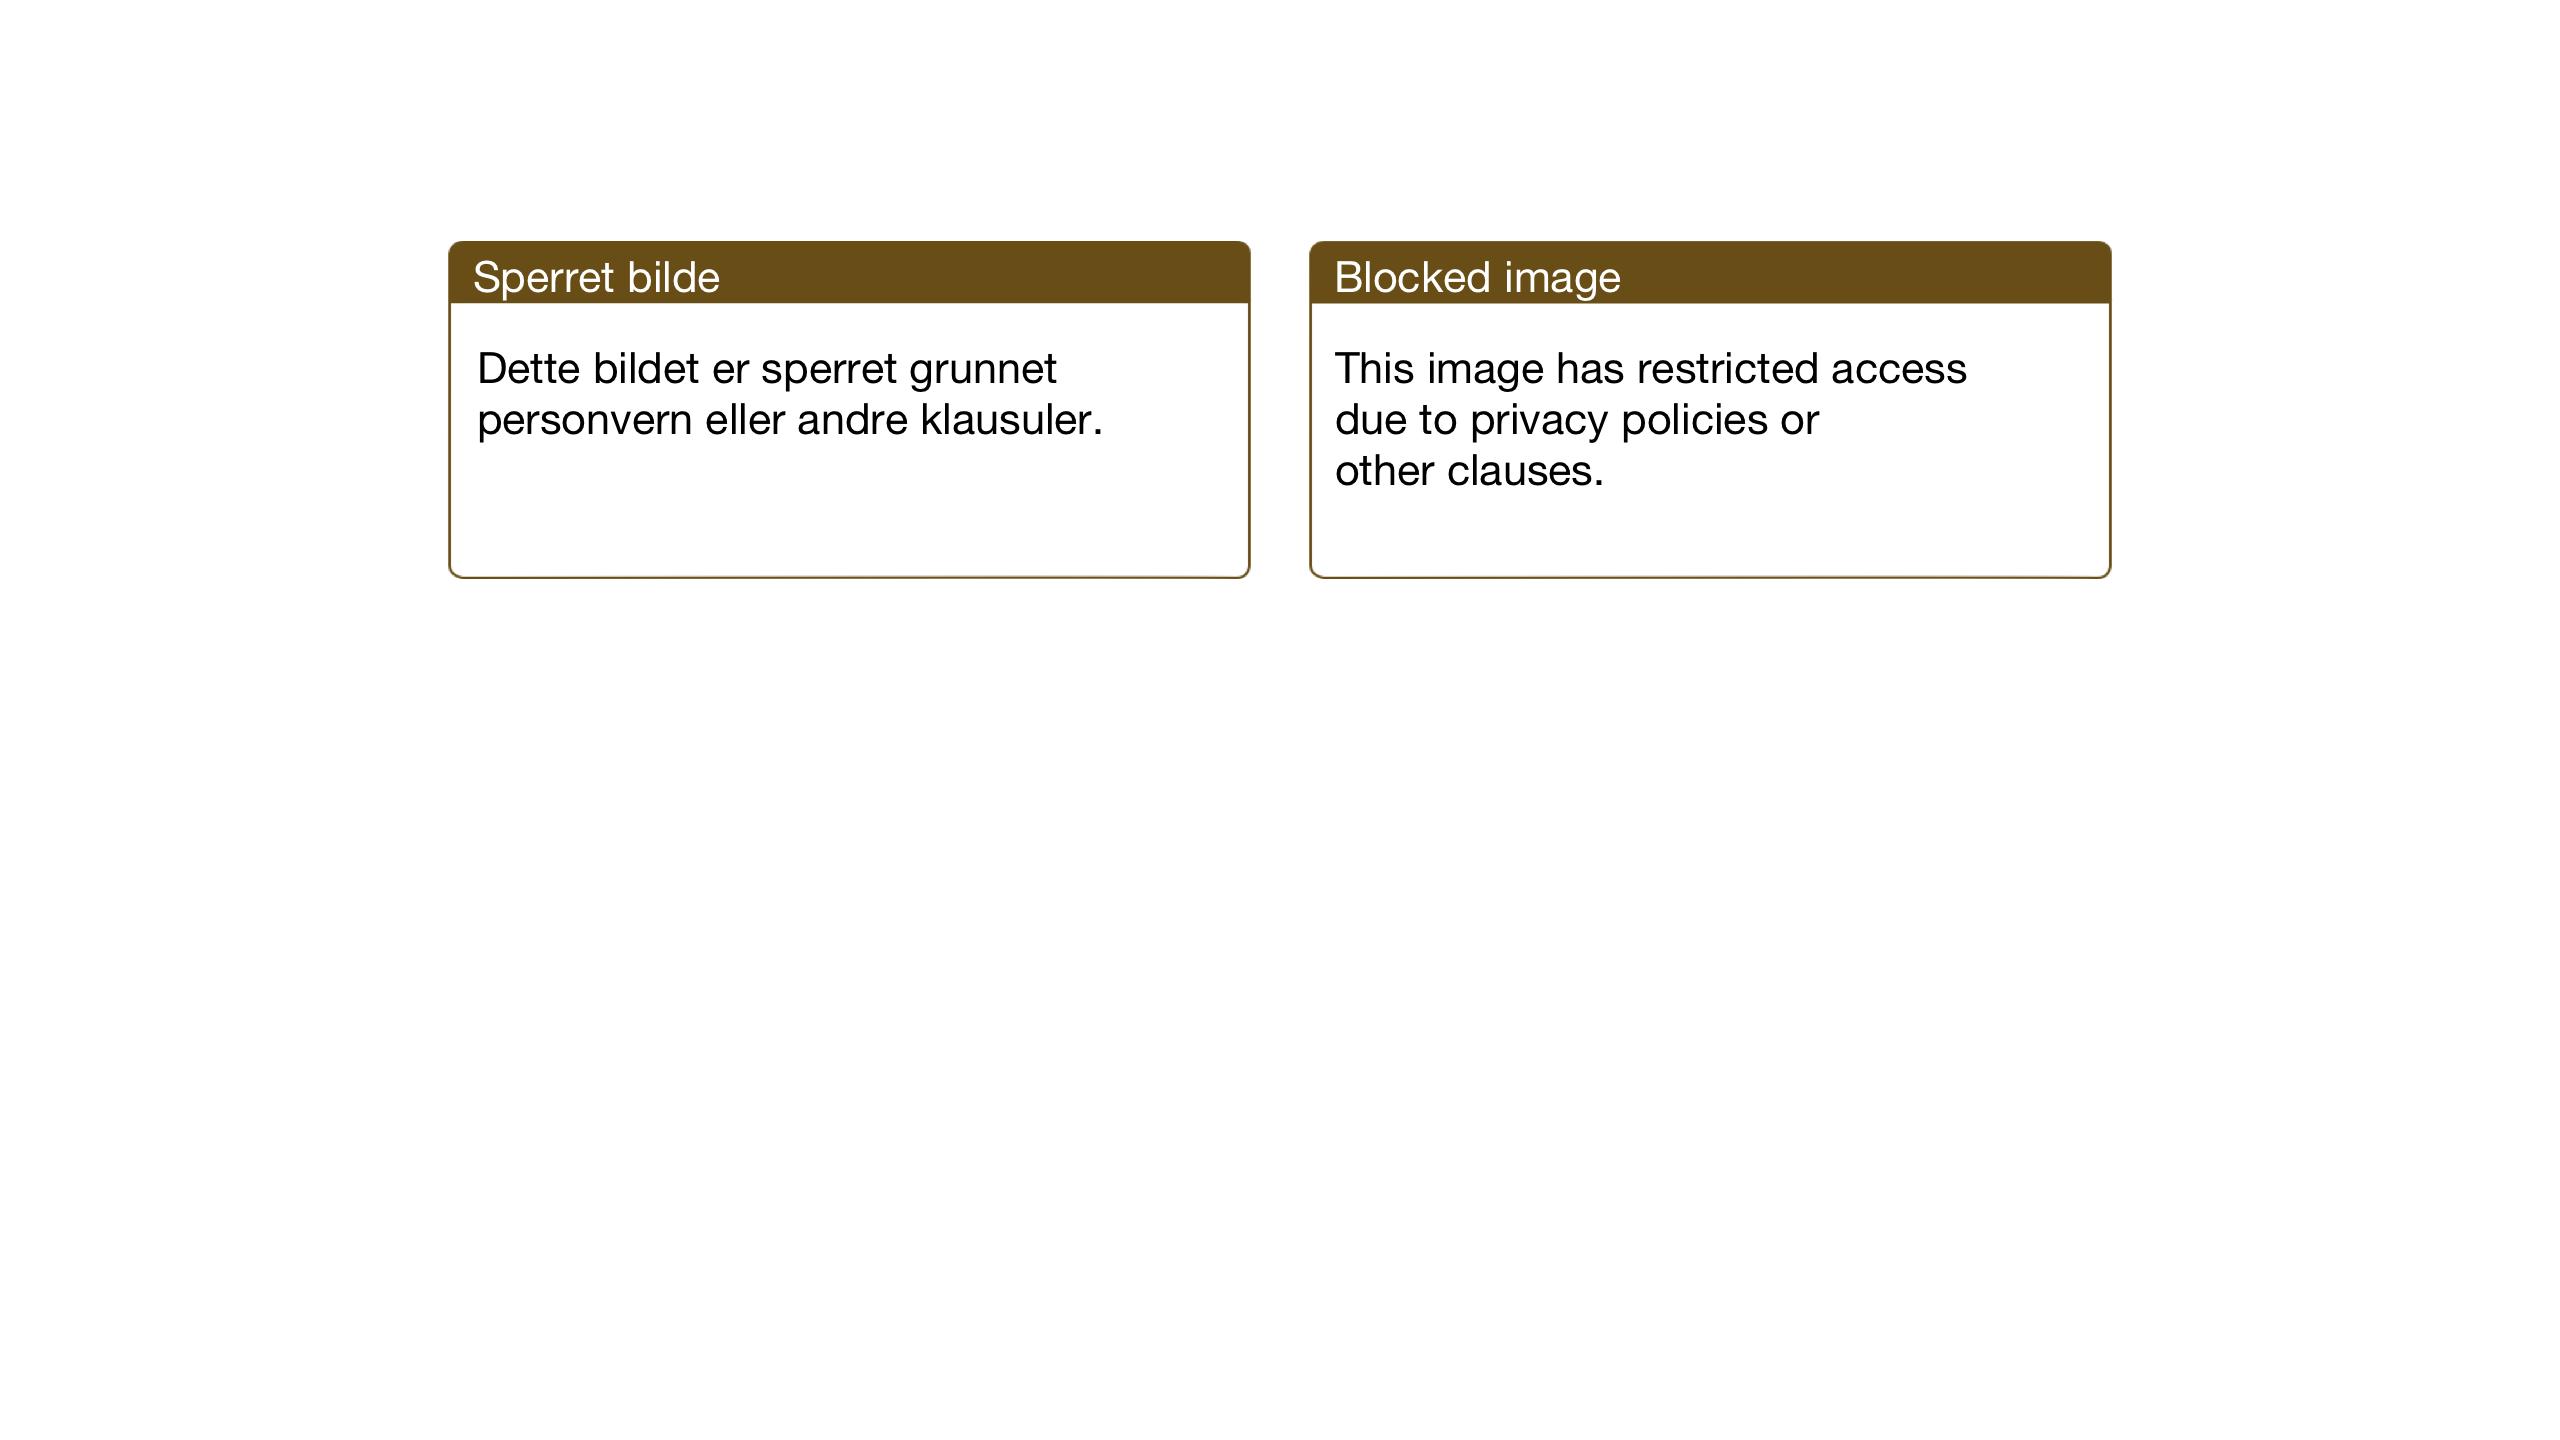 SAT, Ministerialprotokoller, klokkerbøker og fødselsregistre - Nord-Trøndelag, 722/L0227: Klokkerbok nr. 722C03, 1928-1958, s. 13